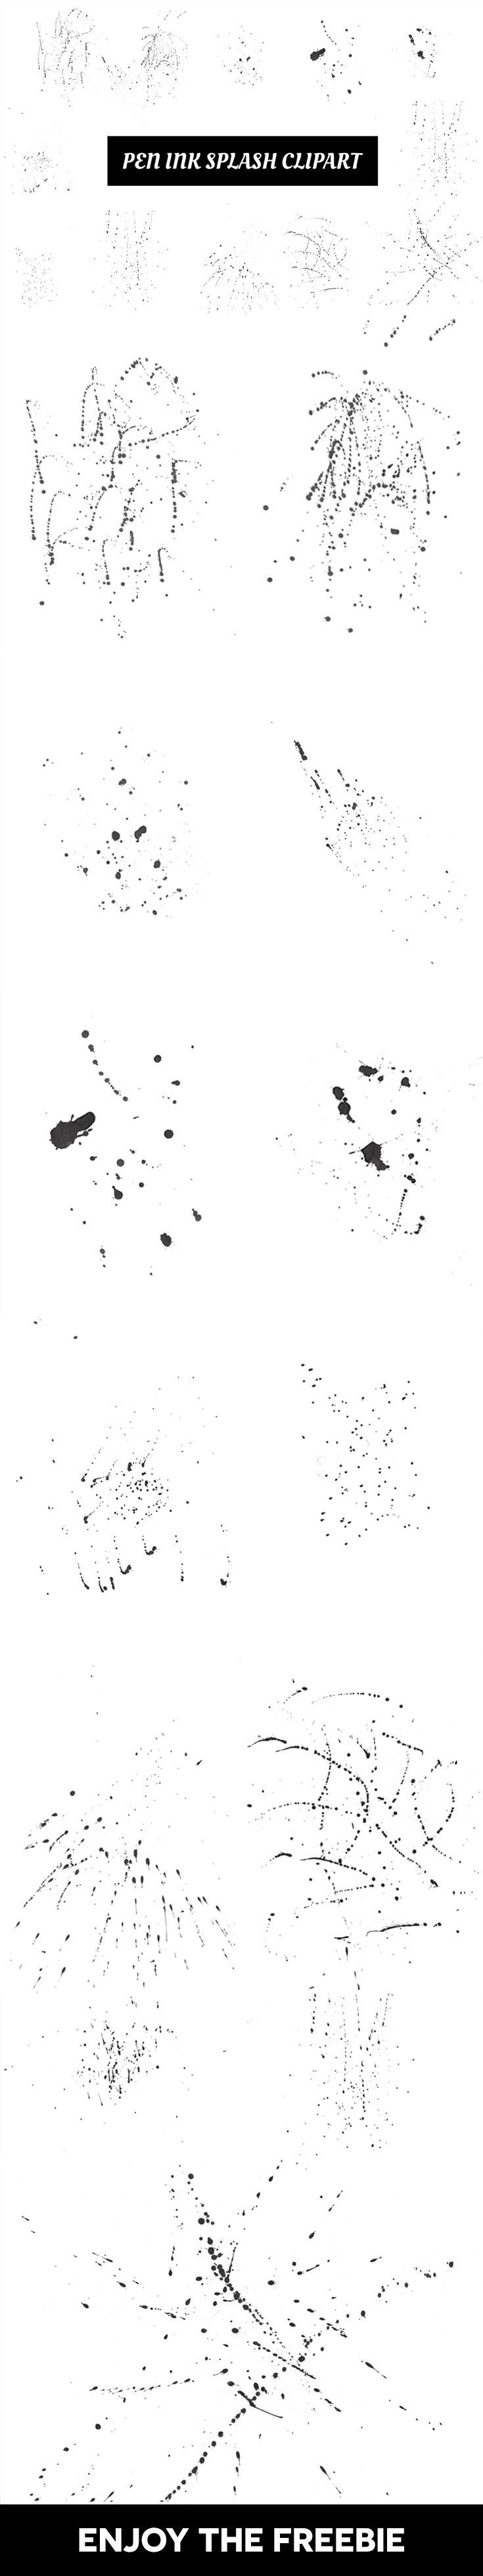 12 가지 무료 포토샵 펜 잉크 스플래쉬 브러쉬 & 텍스쳐 - 12 Free Photoshop Pen Ink Splash Brushes & Textures